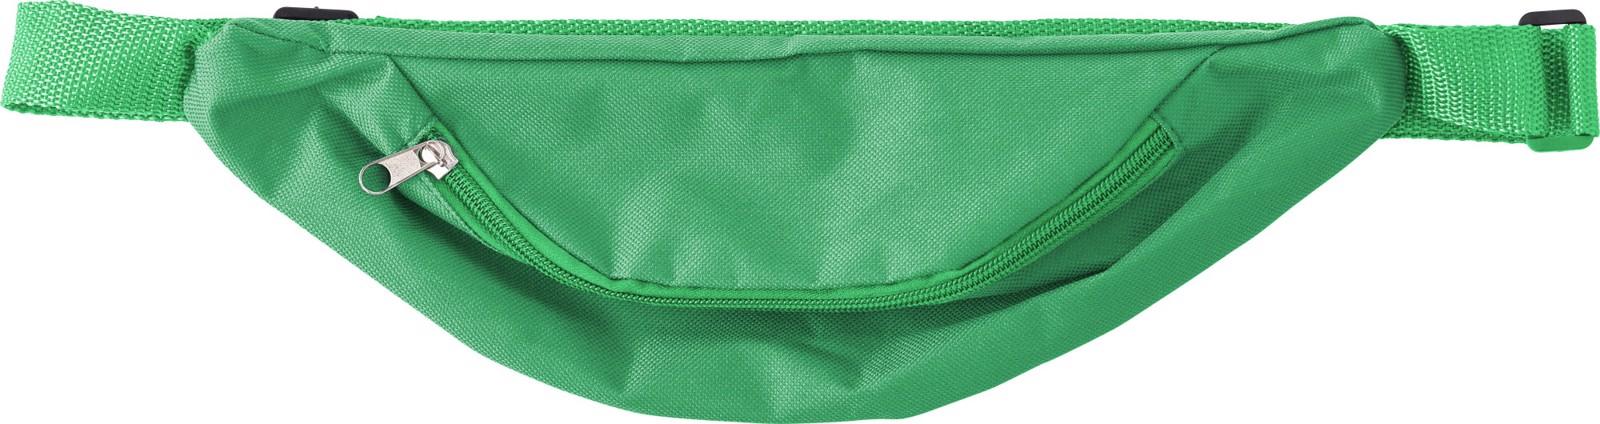 Oxford fabric waist bag - Light Green